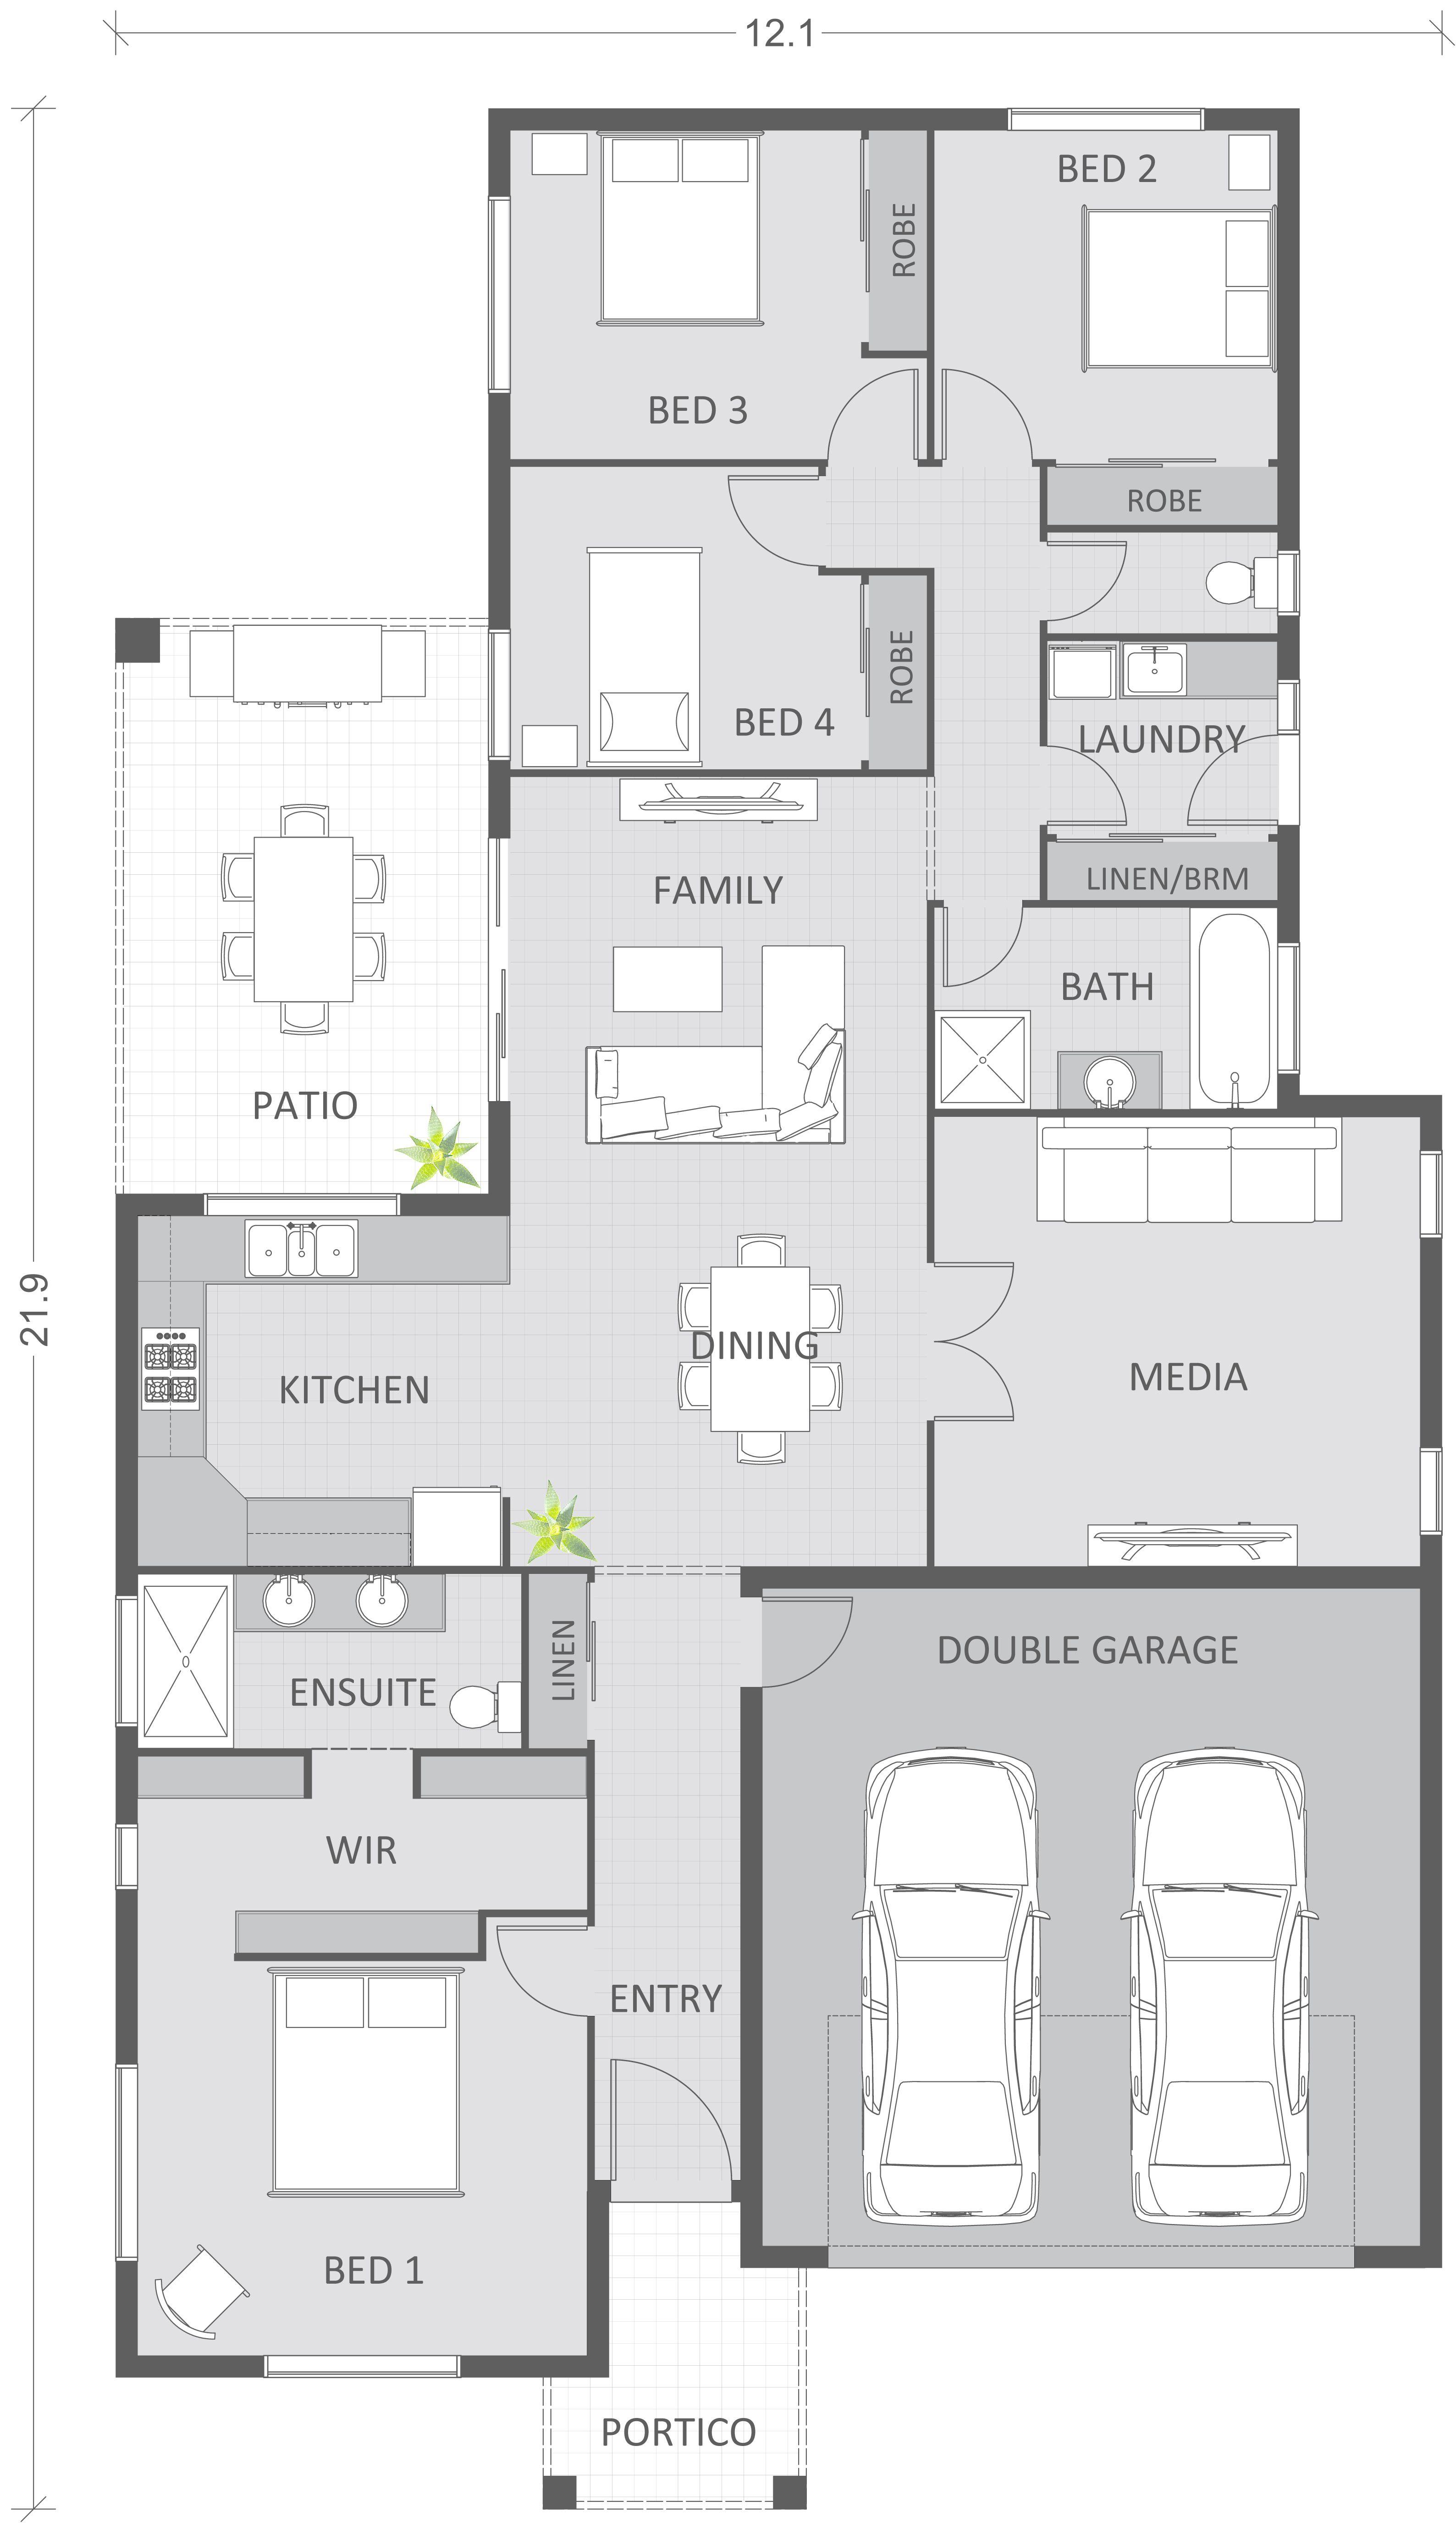 2d Colour Floor Plan Houses Gallery Budde Design Qld Australia In 2020 House Plans Australia House Plans House Floor Plans